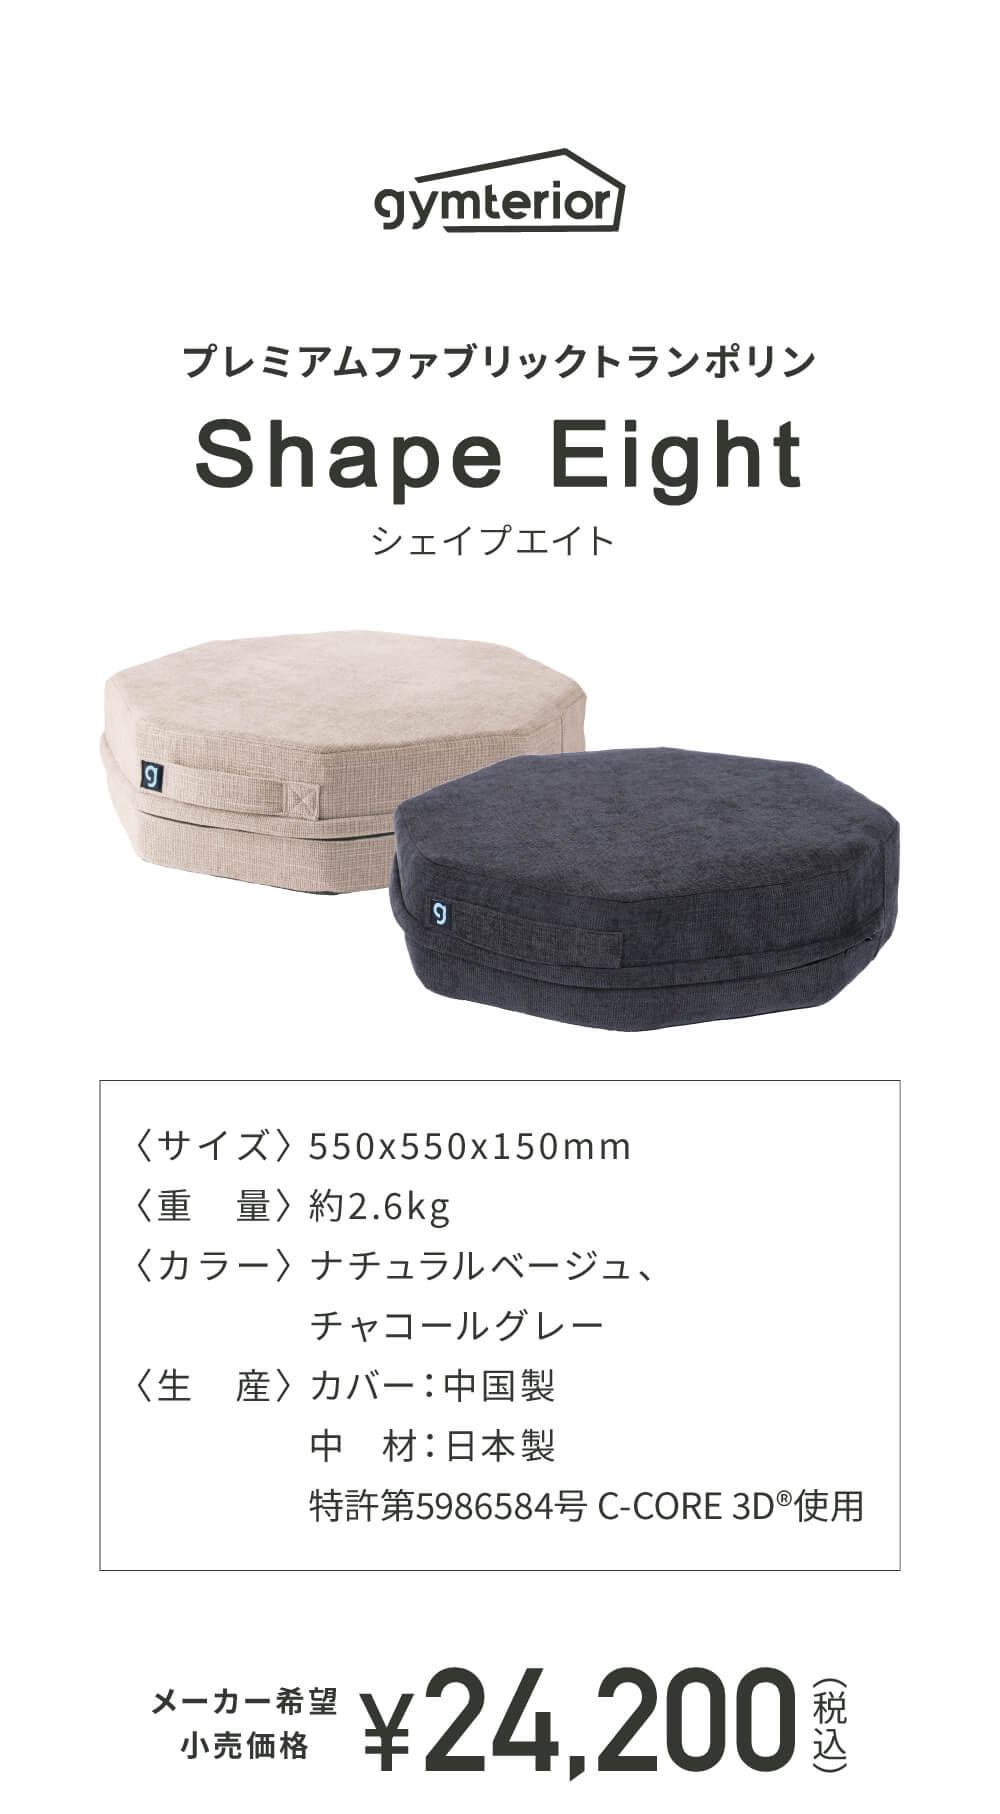 シェイプエイト商品詳細